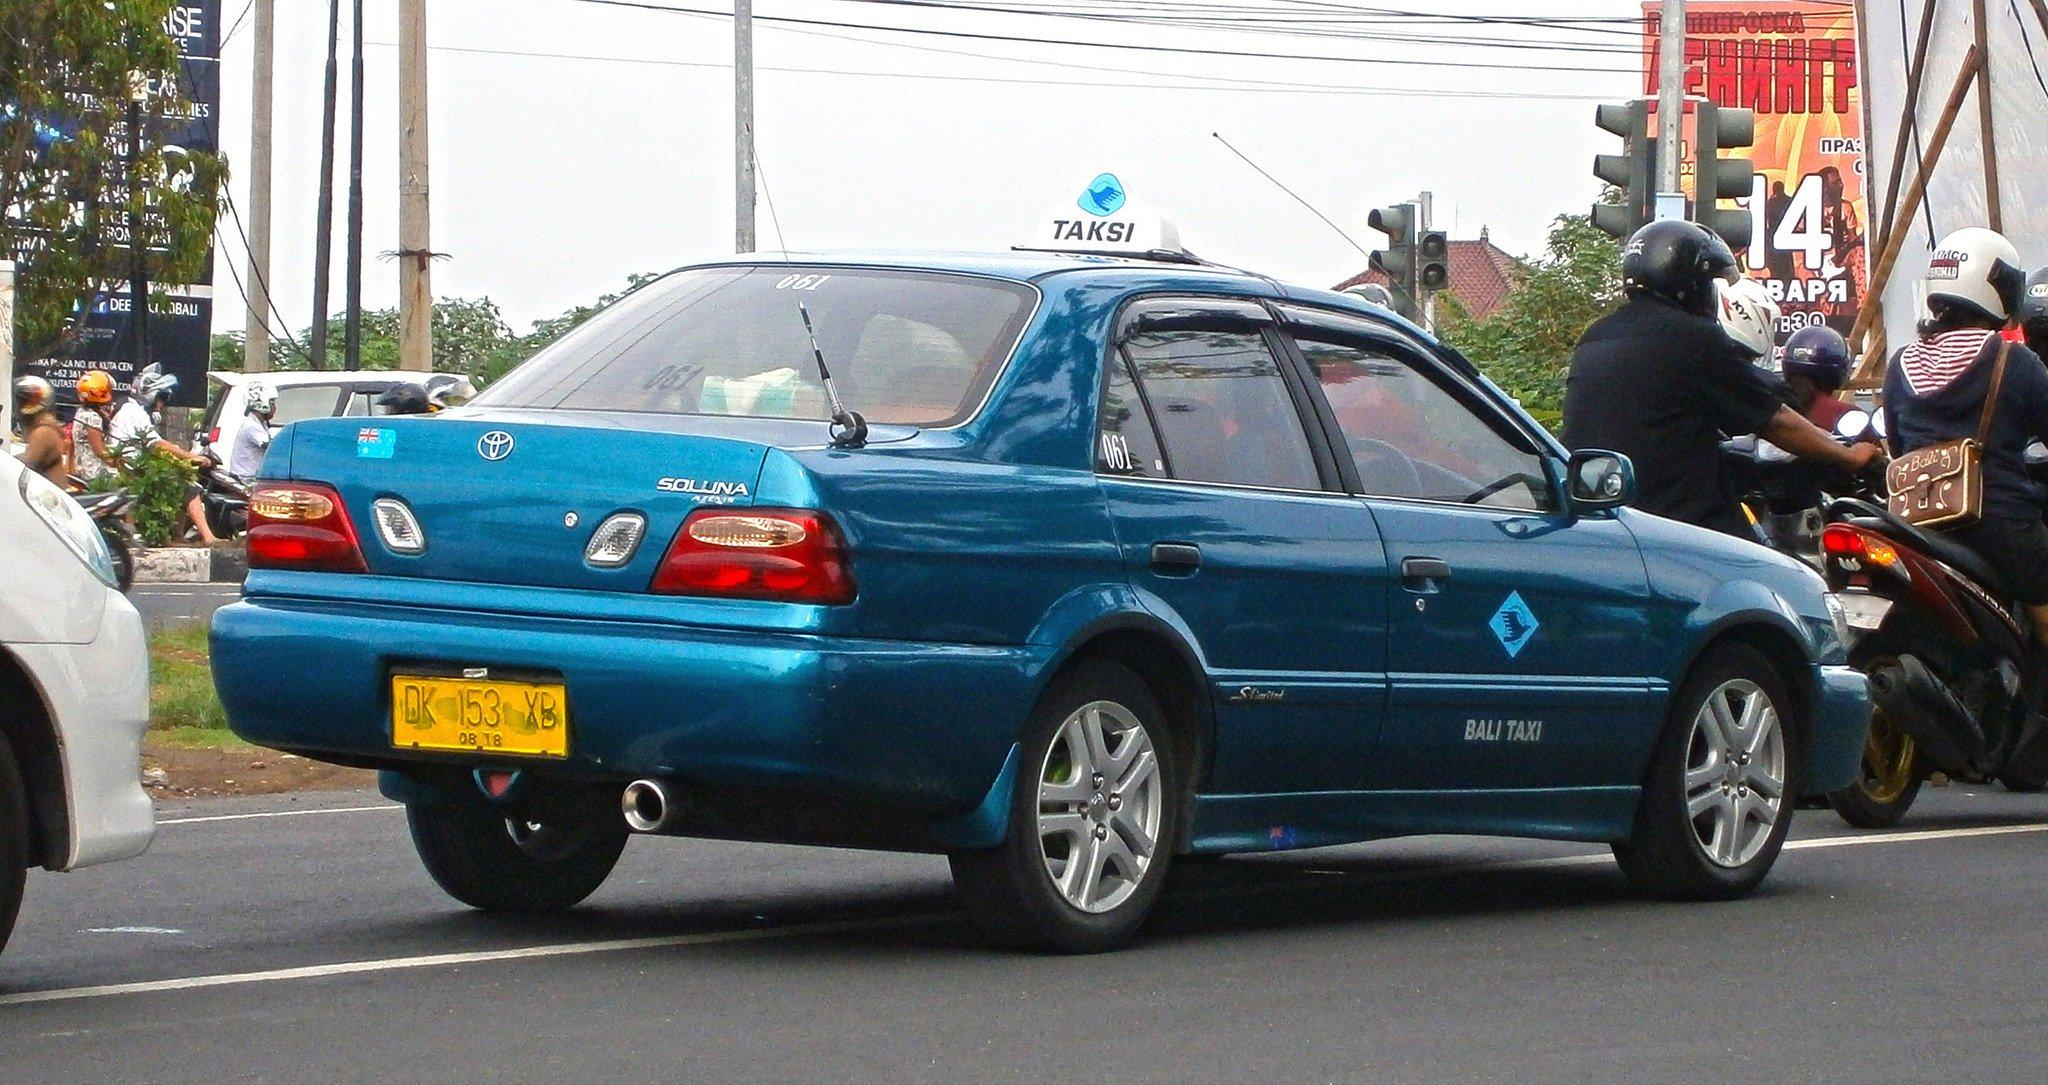 Заказ такси во Вьетнаме